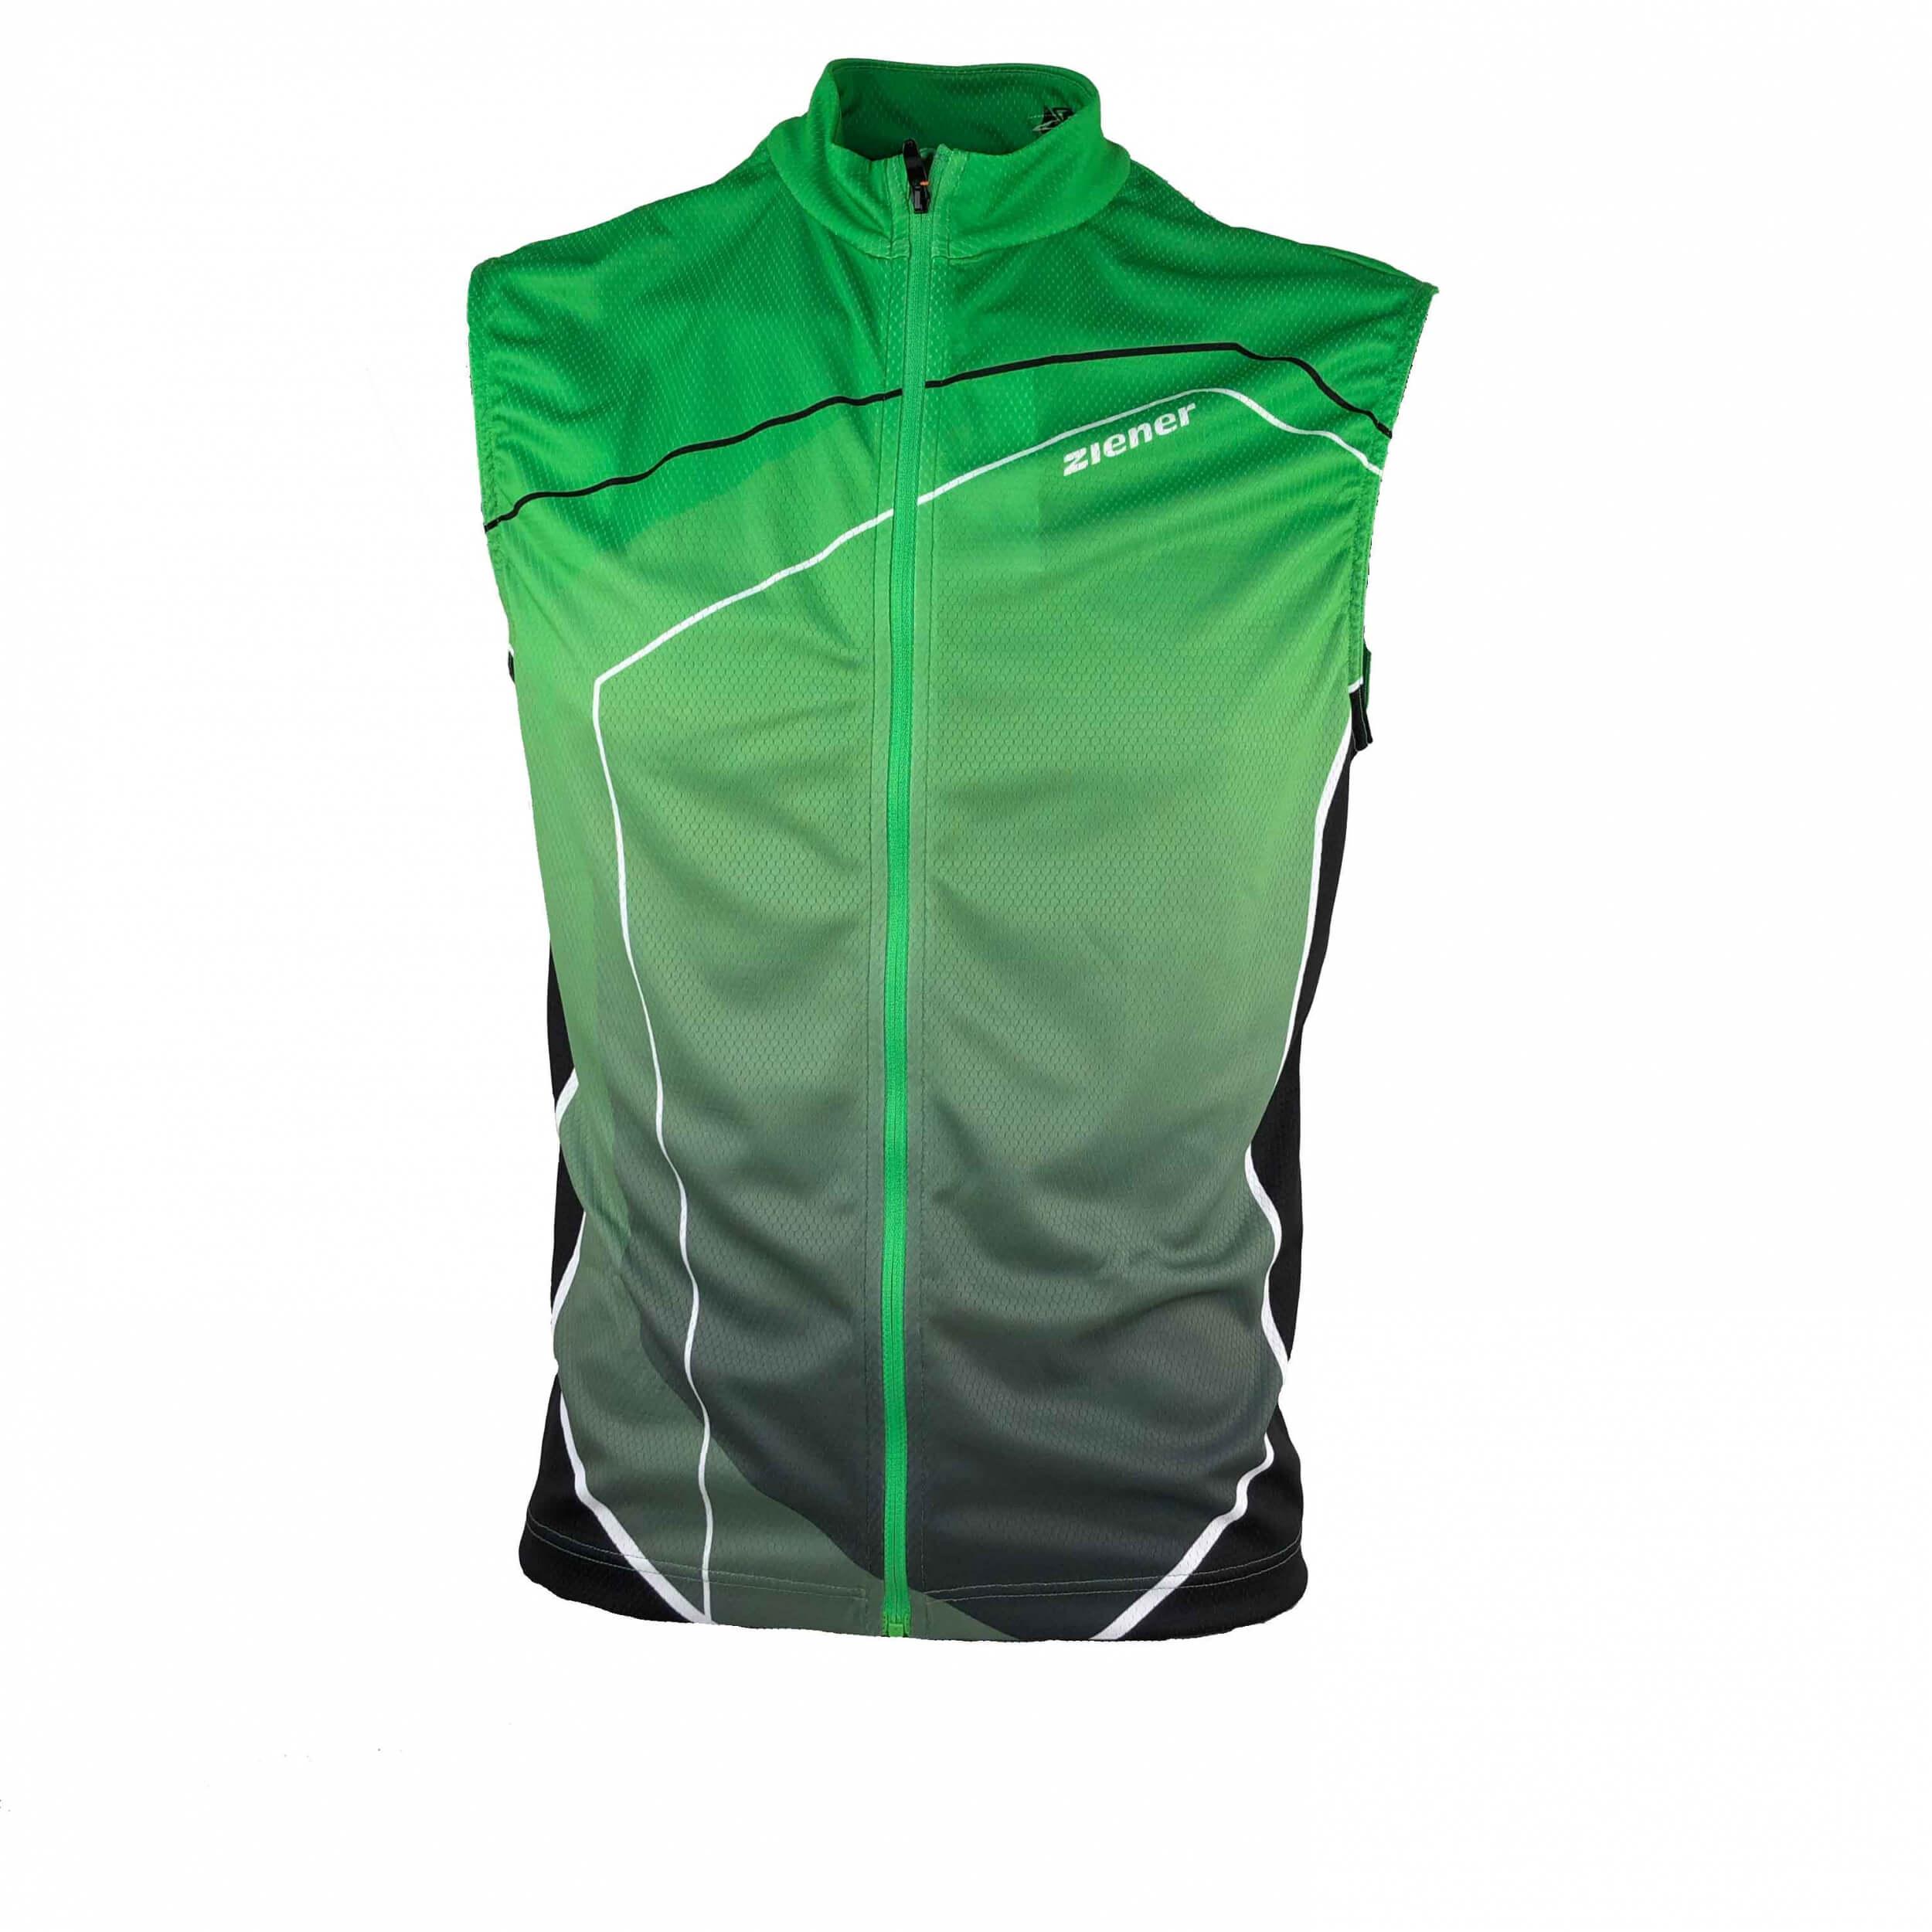 ZIENER Herren Bikeweste Caixia grün 746